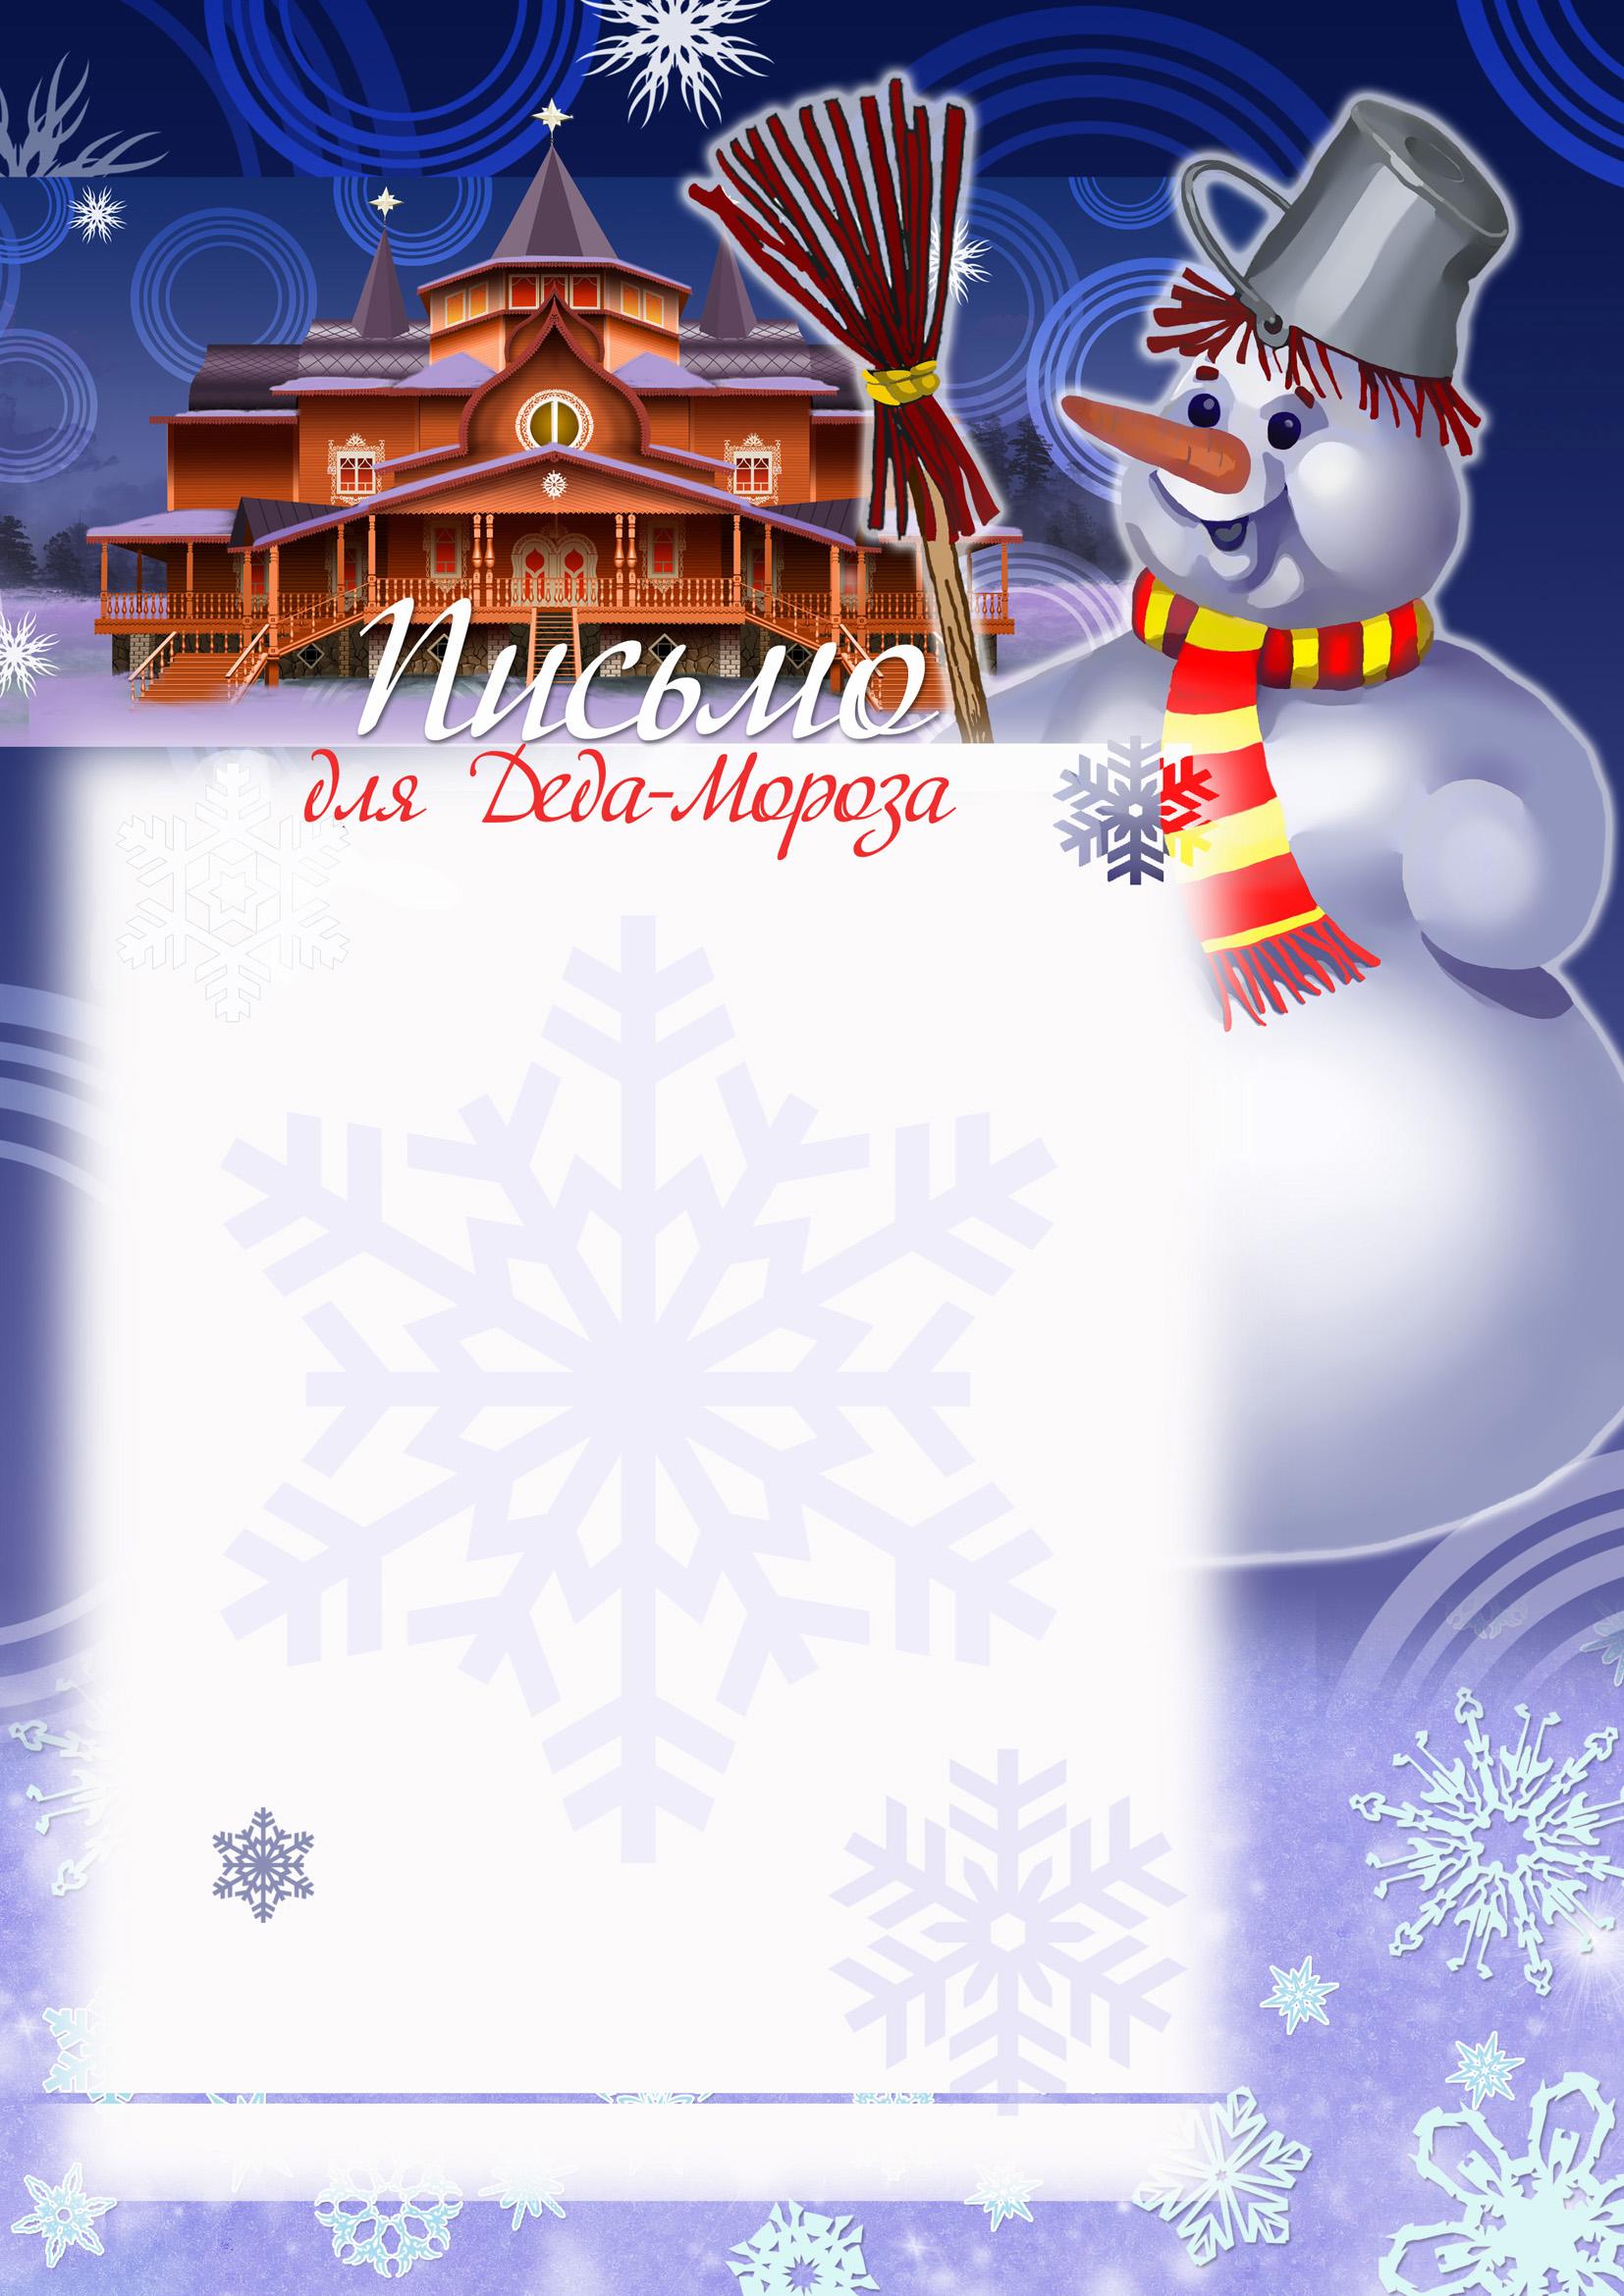 Шаблоны и тексты писем от Деда Мороза - шаблоны для редактирования, тексты